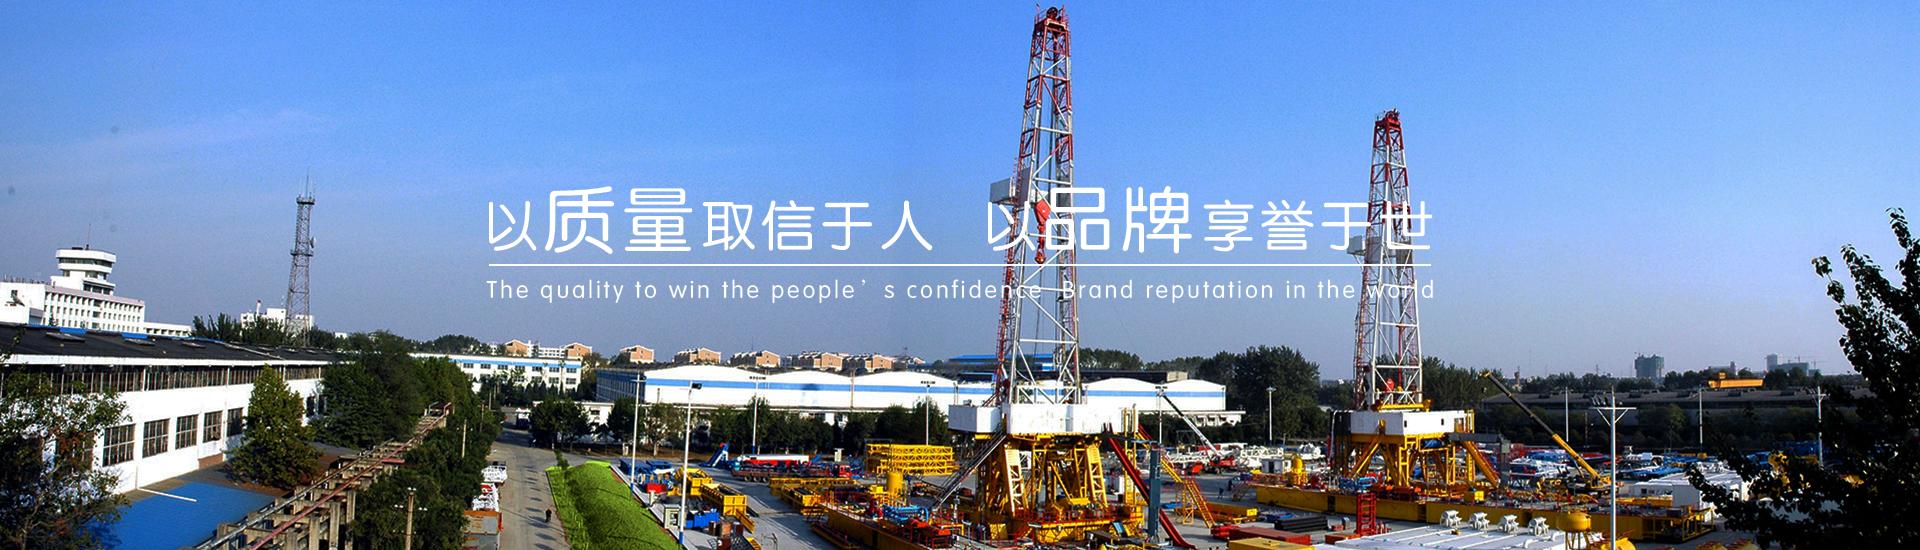 南阳二机石油设备集团有限公司